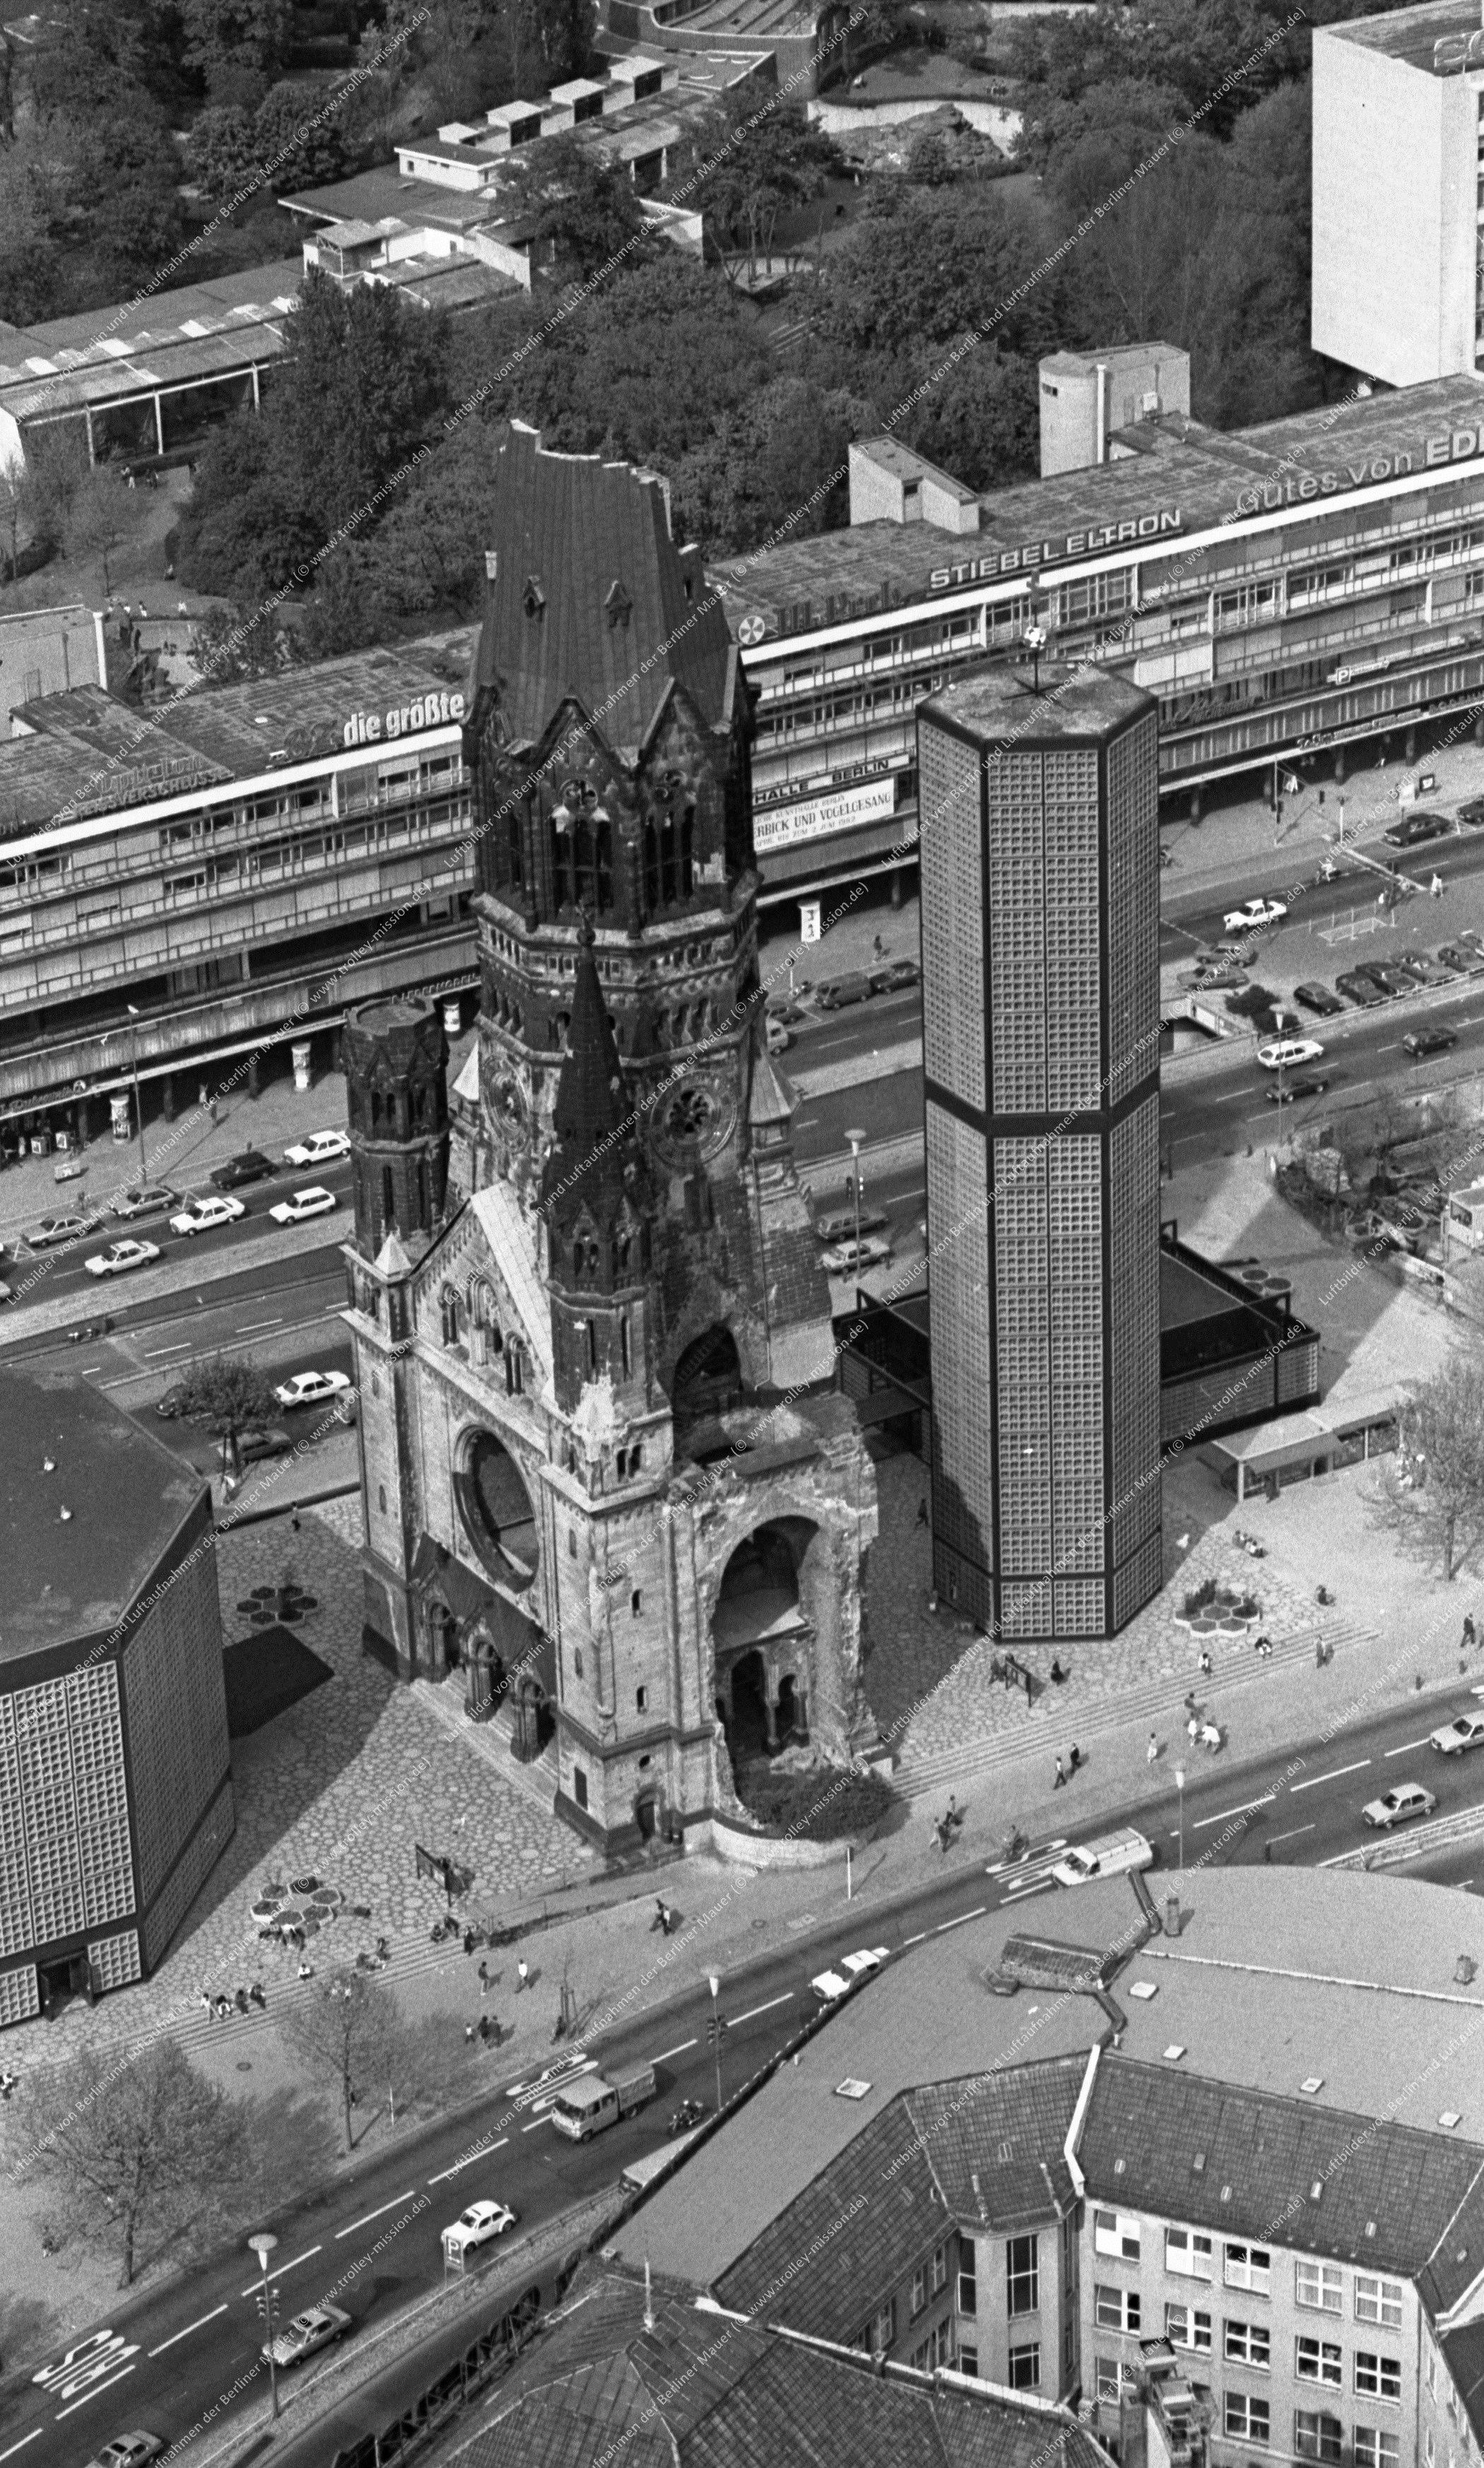 Berlin Luftbild Kaiser-Wilhelm-Gedächtniskirche vom 12. Mai 1982 (Bild 082)